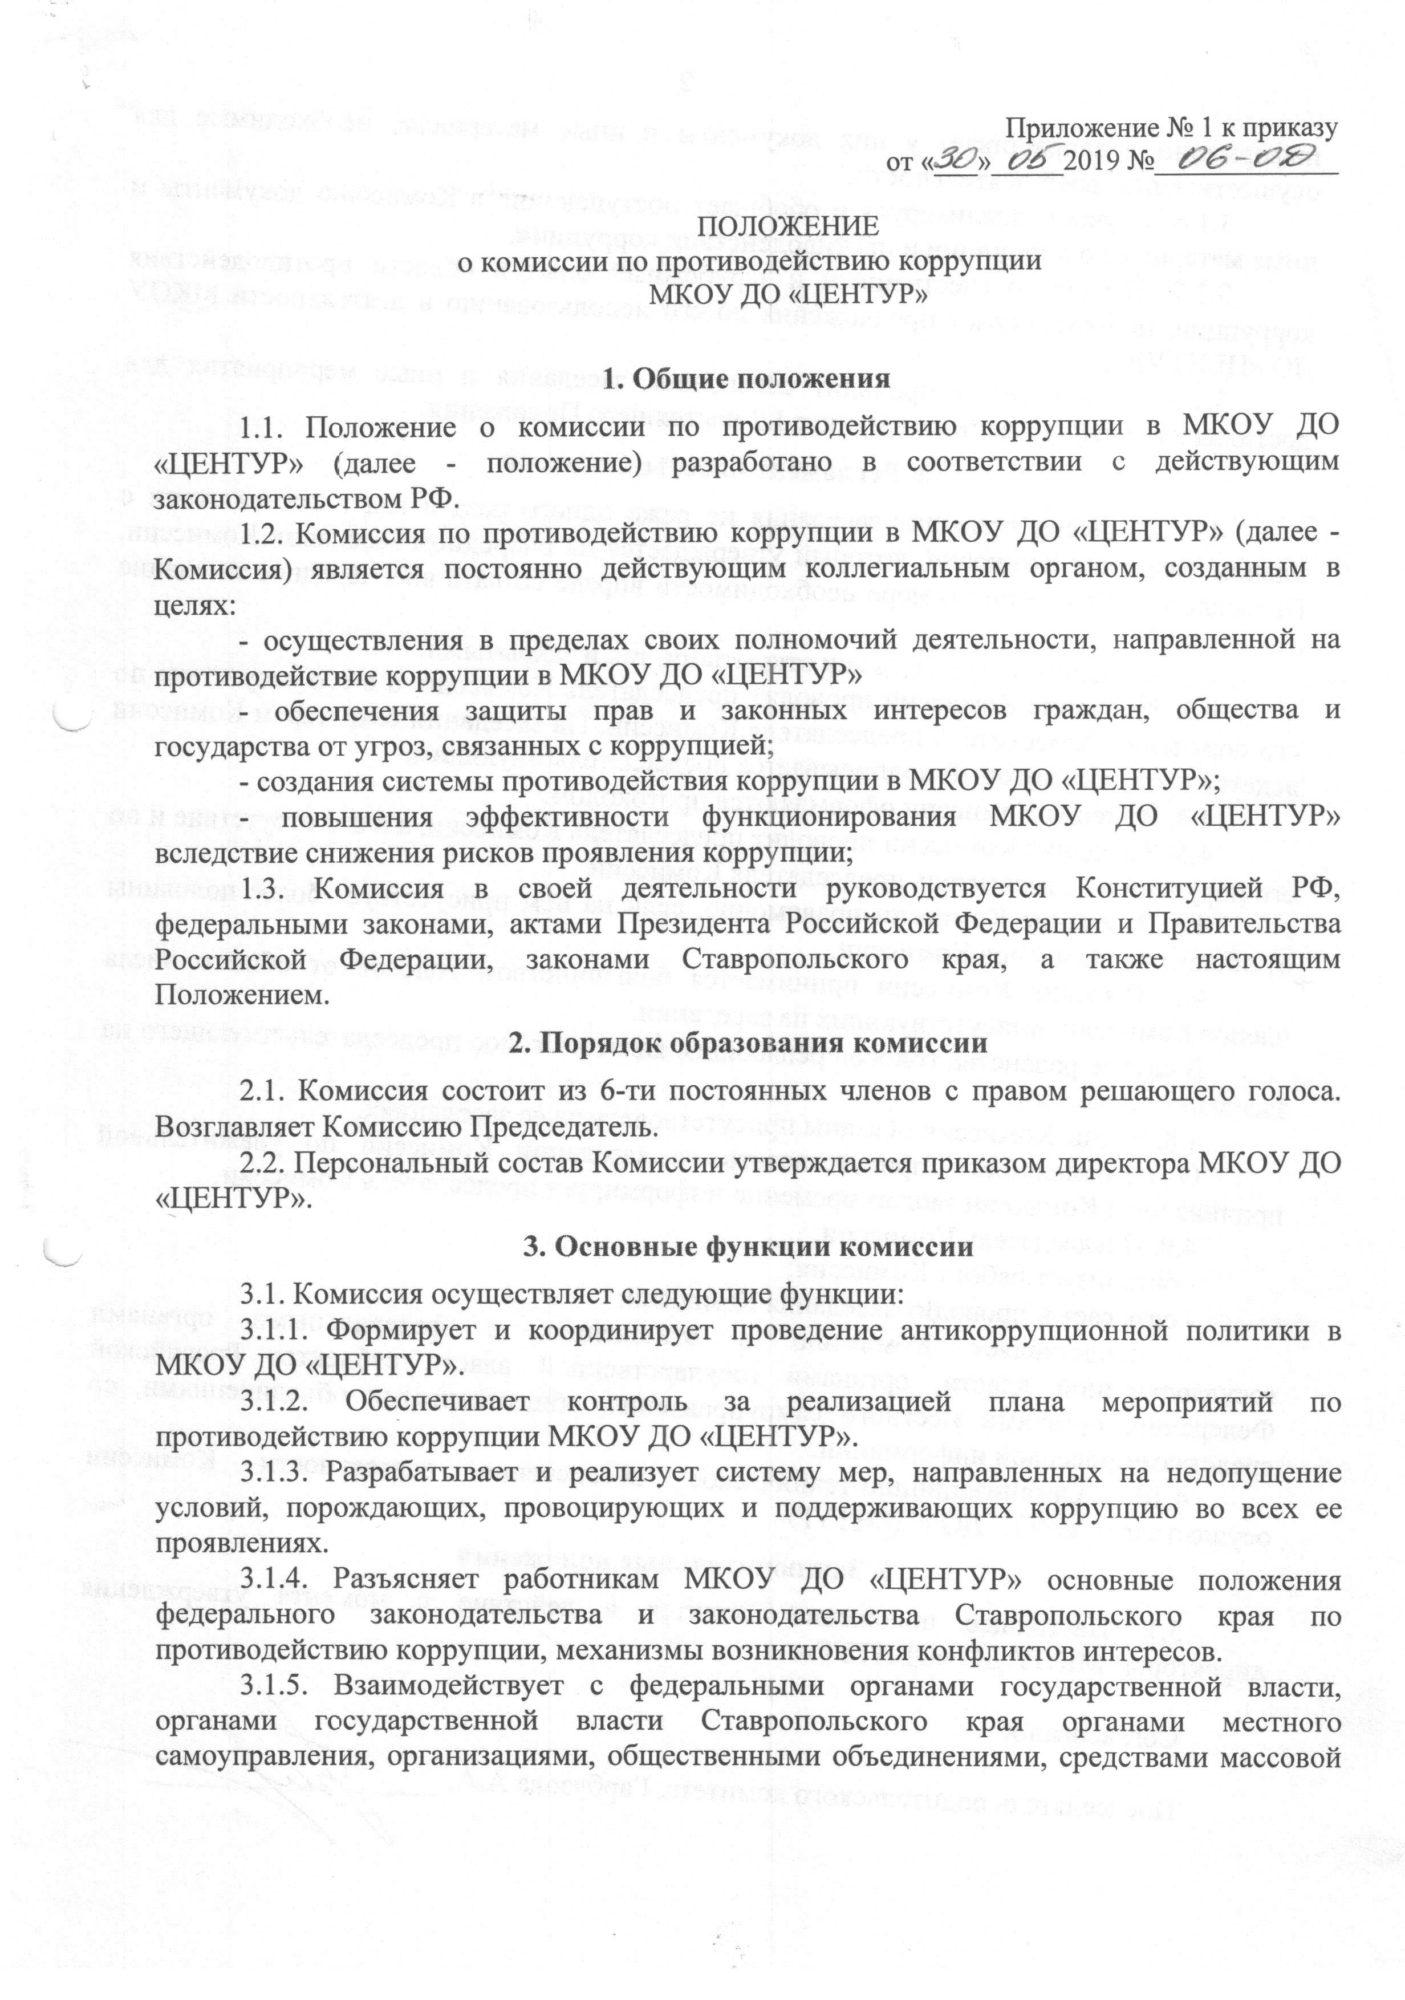 Антикоррупционная документация 003